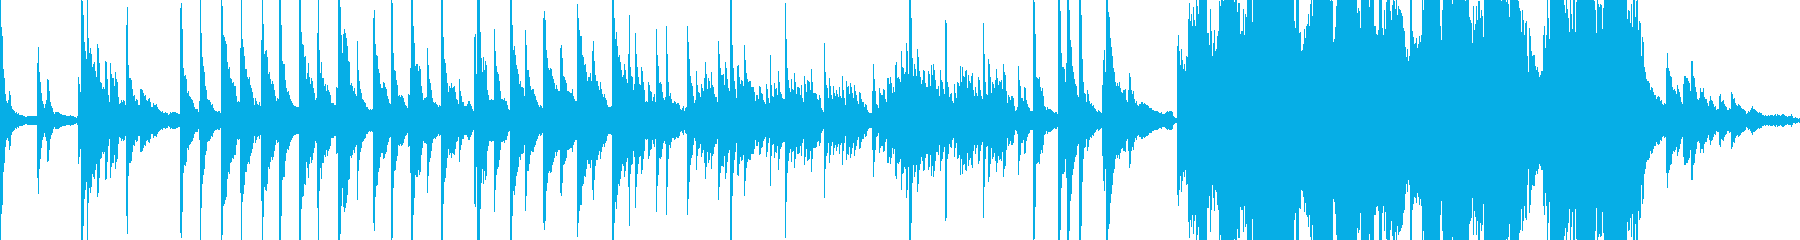 静かな夜の雰囲気のヒーリング・ピアノの再生済みの波形